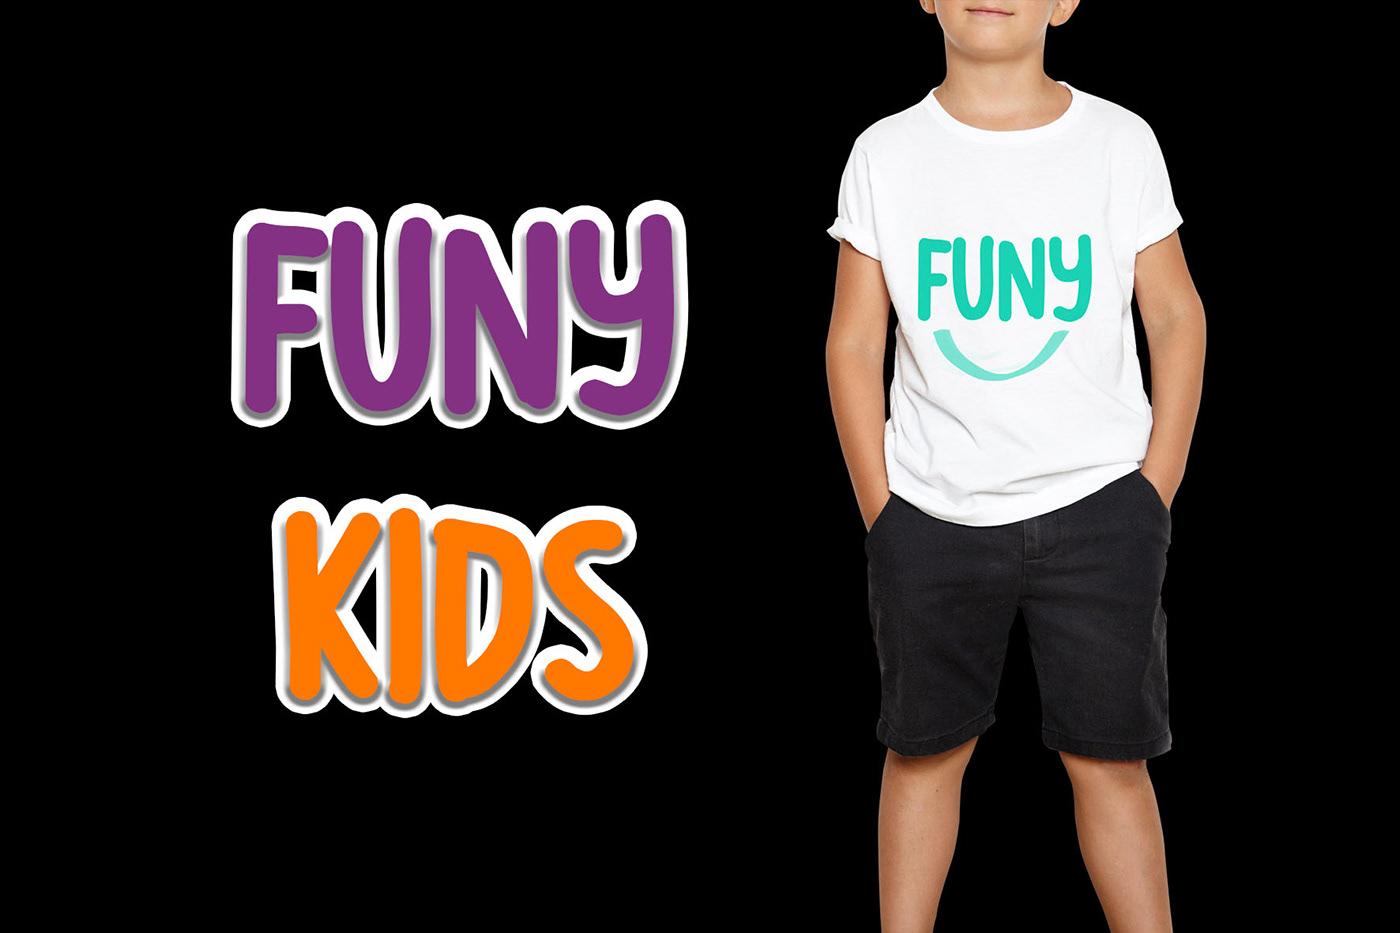 Image may contain: clothing, t-shirt and active shirt